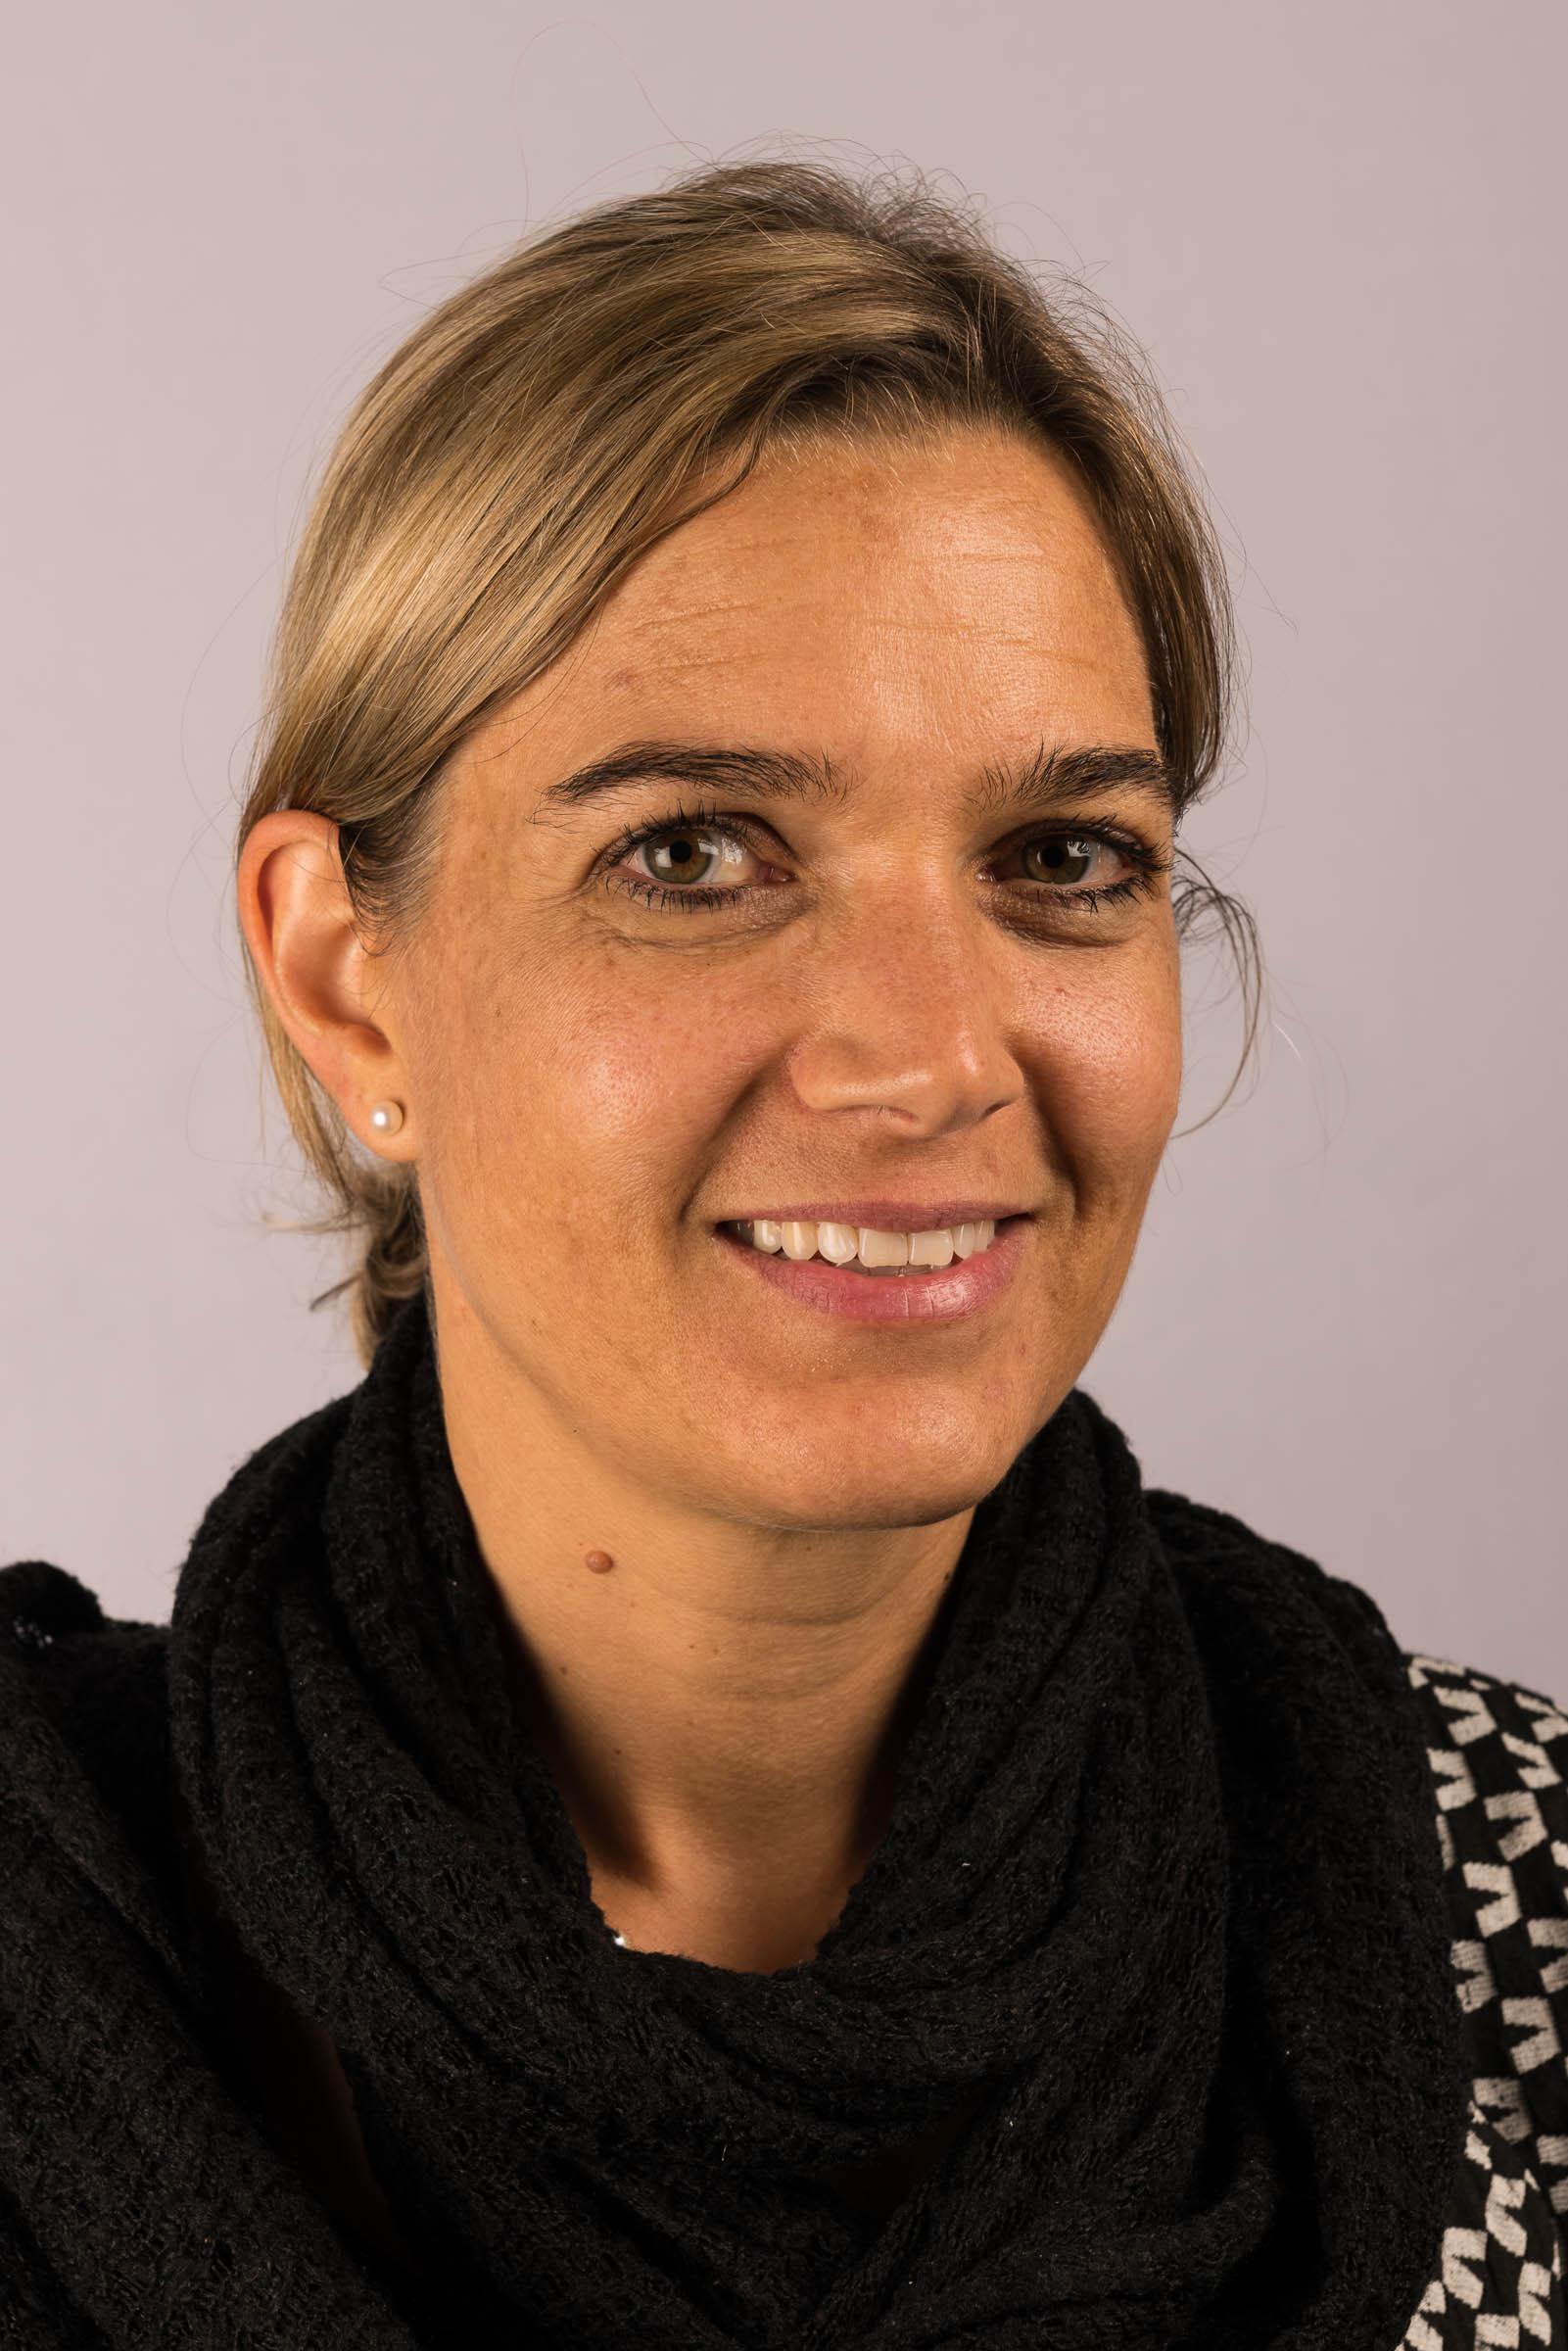 Meike Wechner